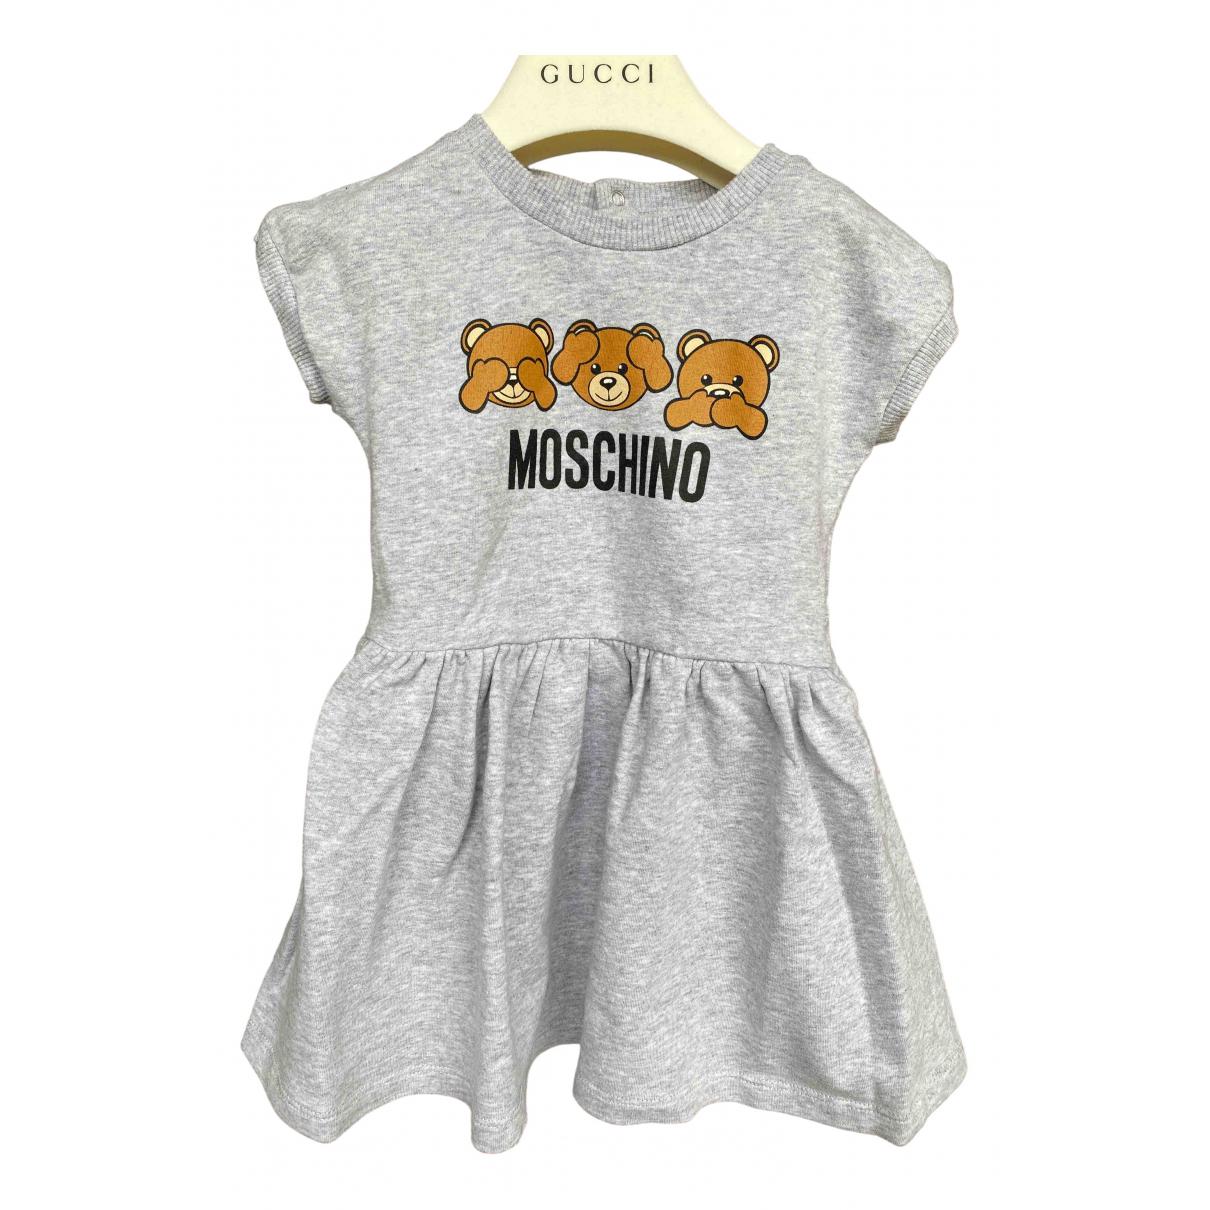 Moschino \N Kleid in  Grau Baumwolle